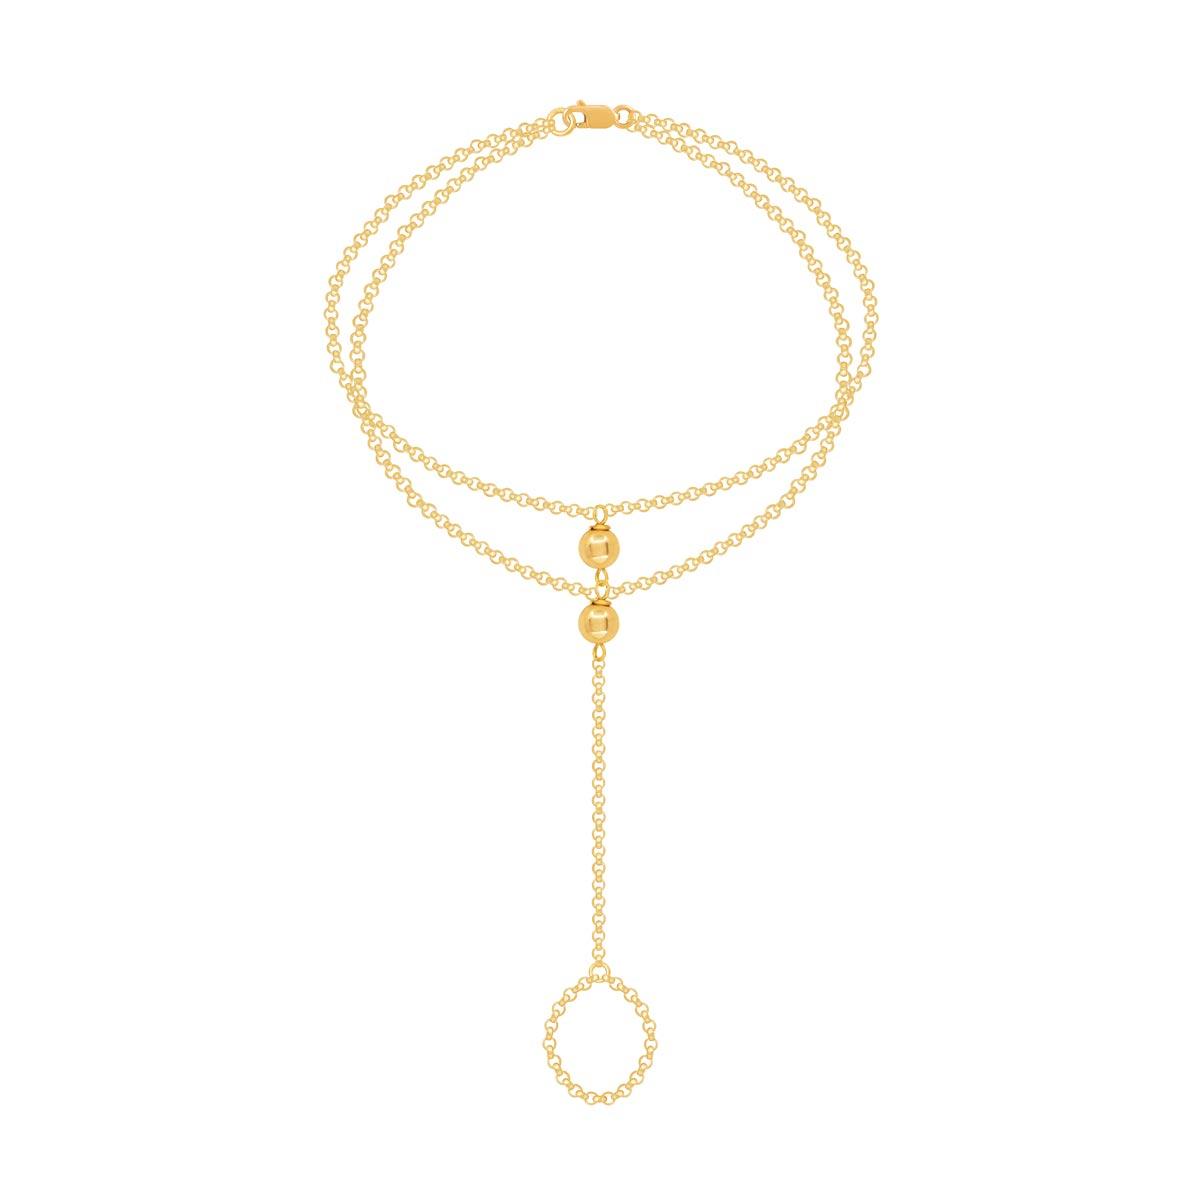 دستبند طلا زنجیر رولو و گوی پرسته